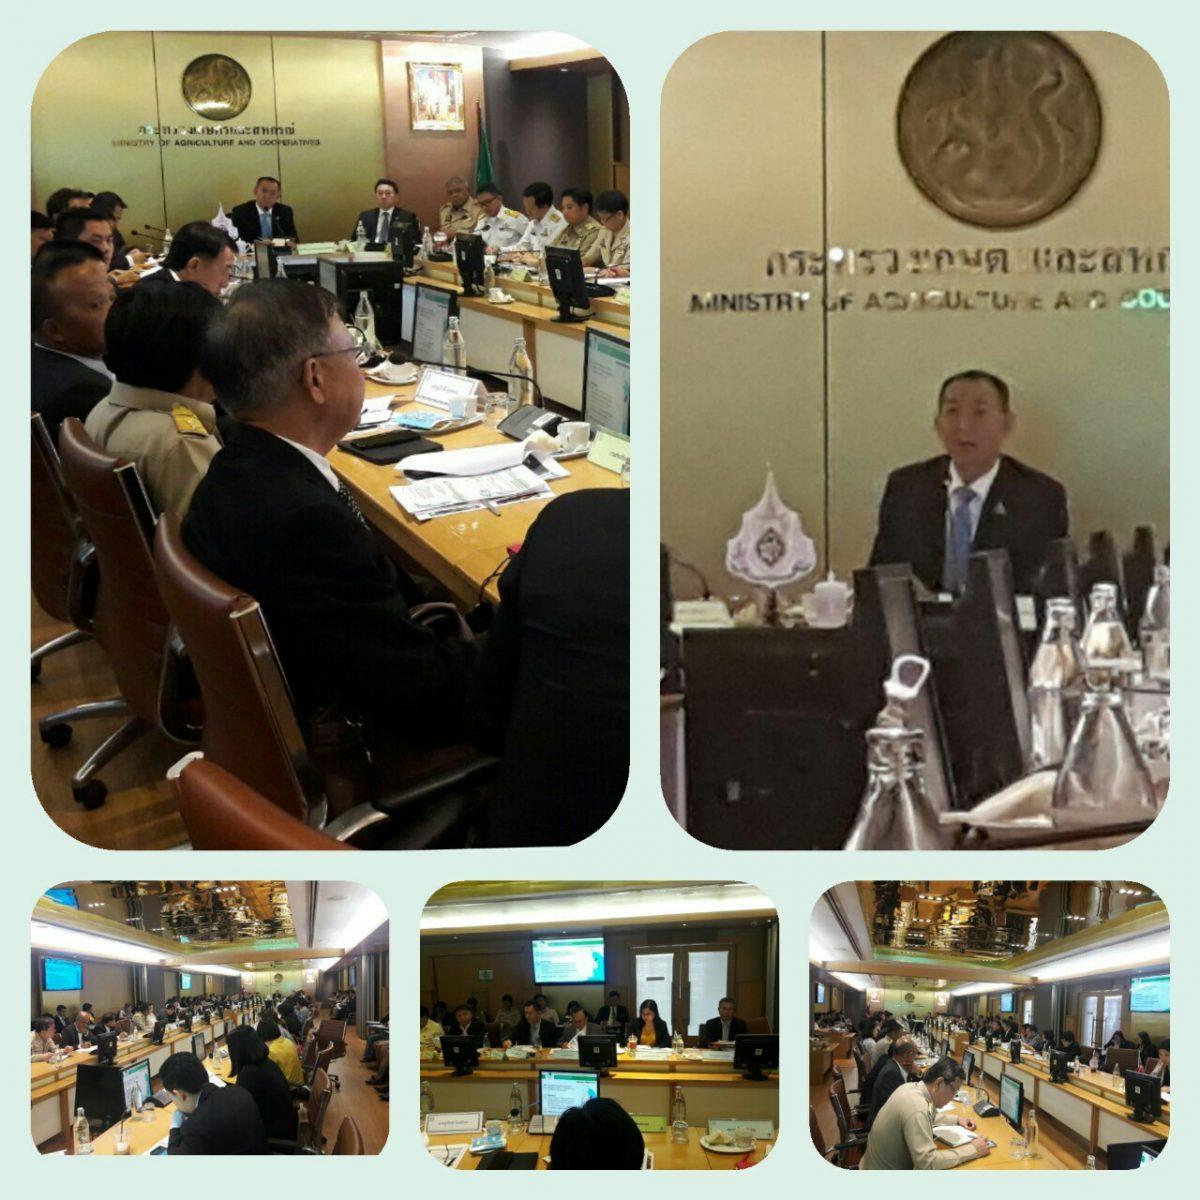 ประชุมหารือแนวทางการดำเนินงานการแก้ไขปัญหาราคายางพาราร่วมกับผู้ประกอบกิจการยาง